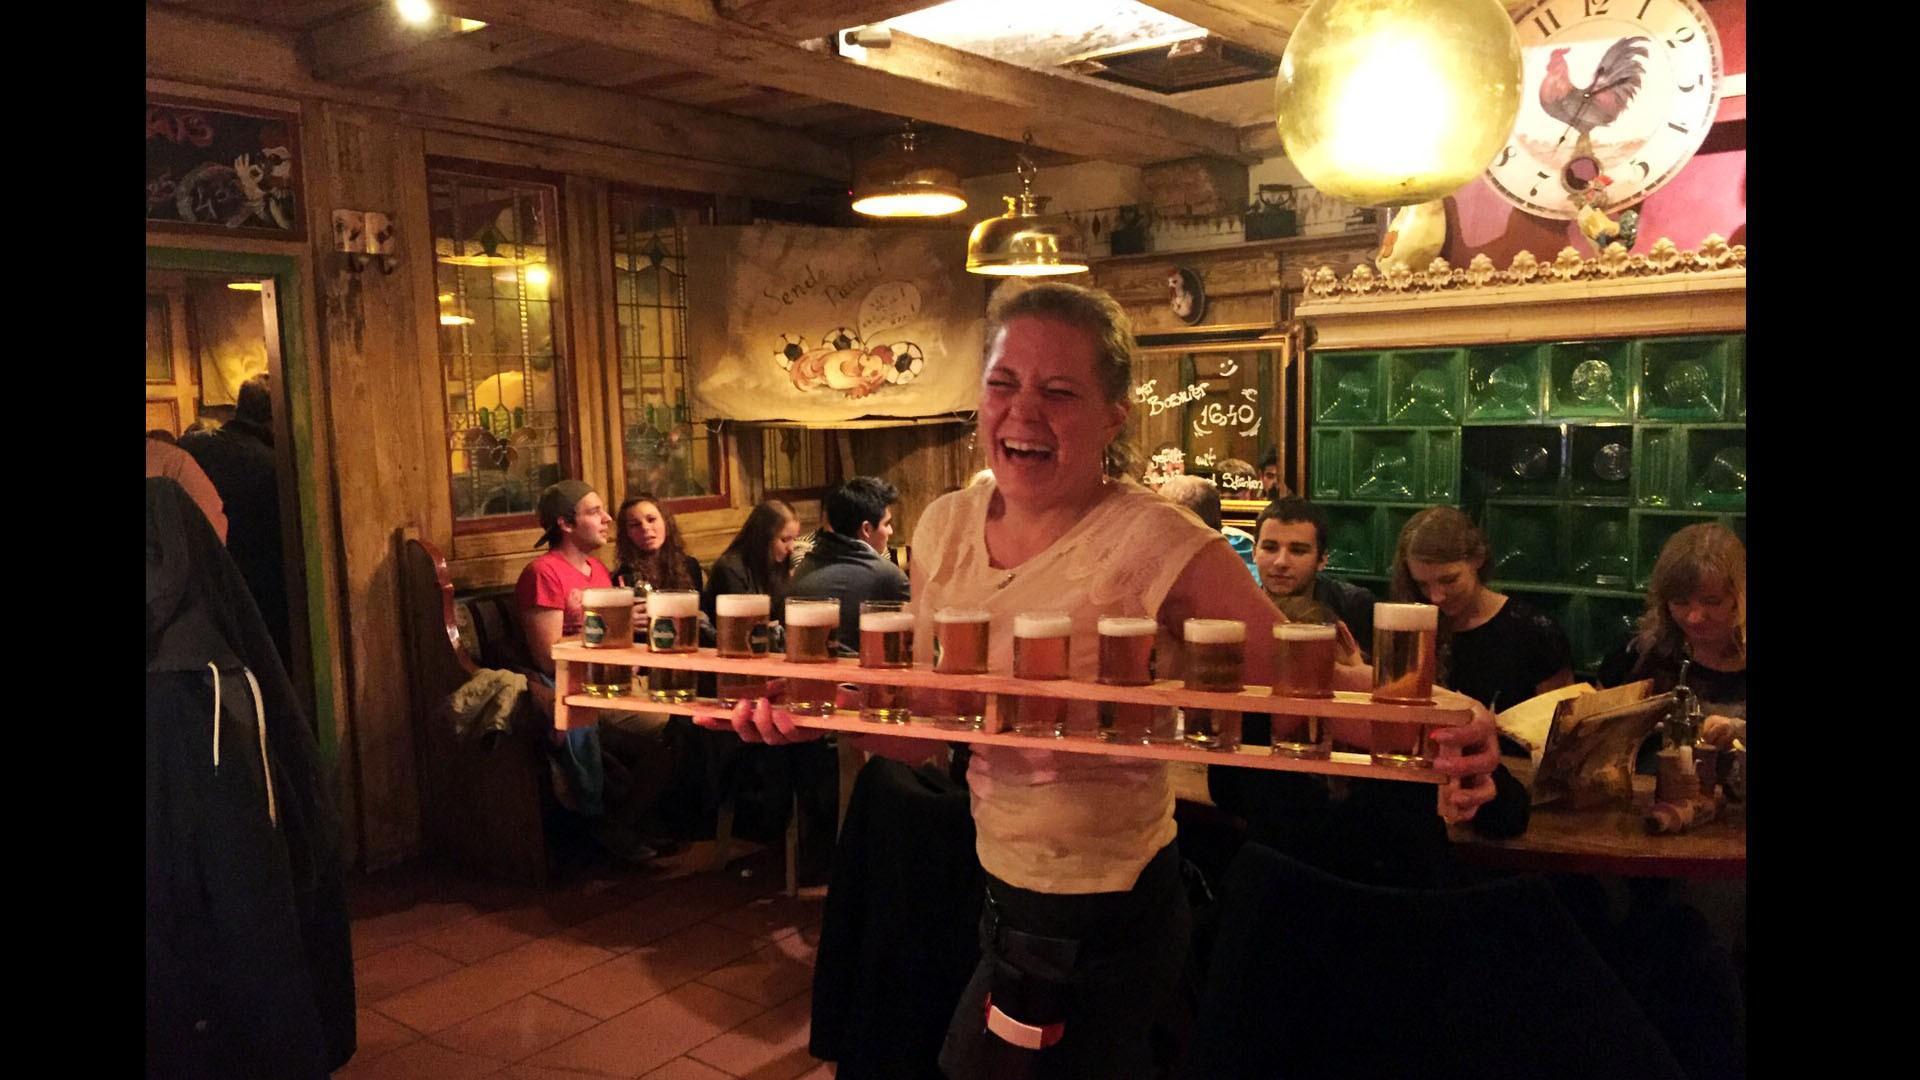 Immer in Partystimmung: Das Pizza-Restaurant Roter Gugelhan in Konstanz KN